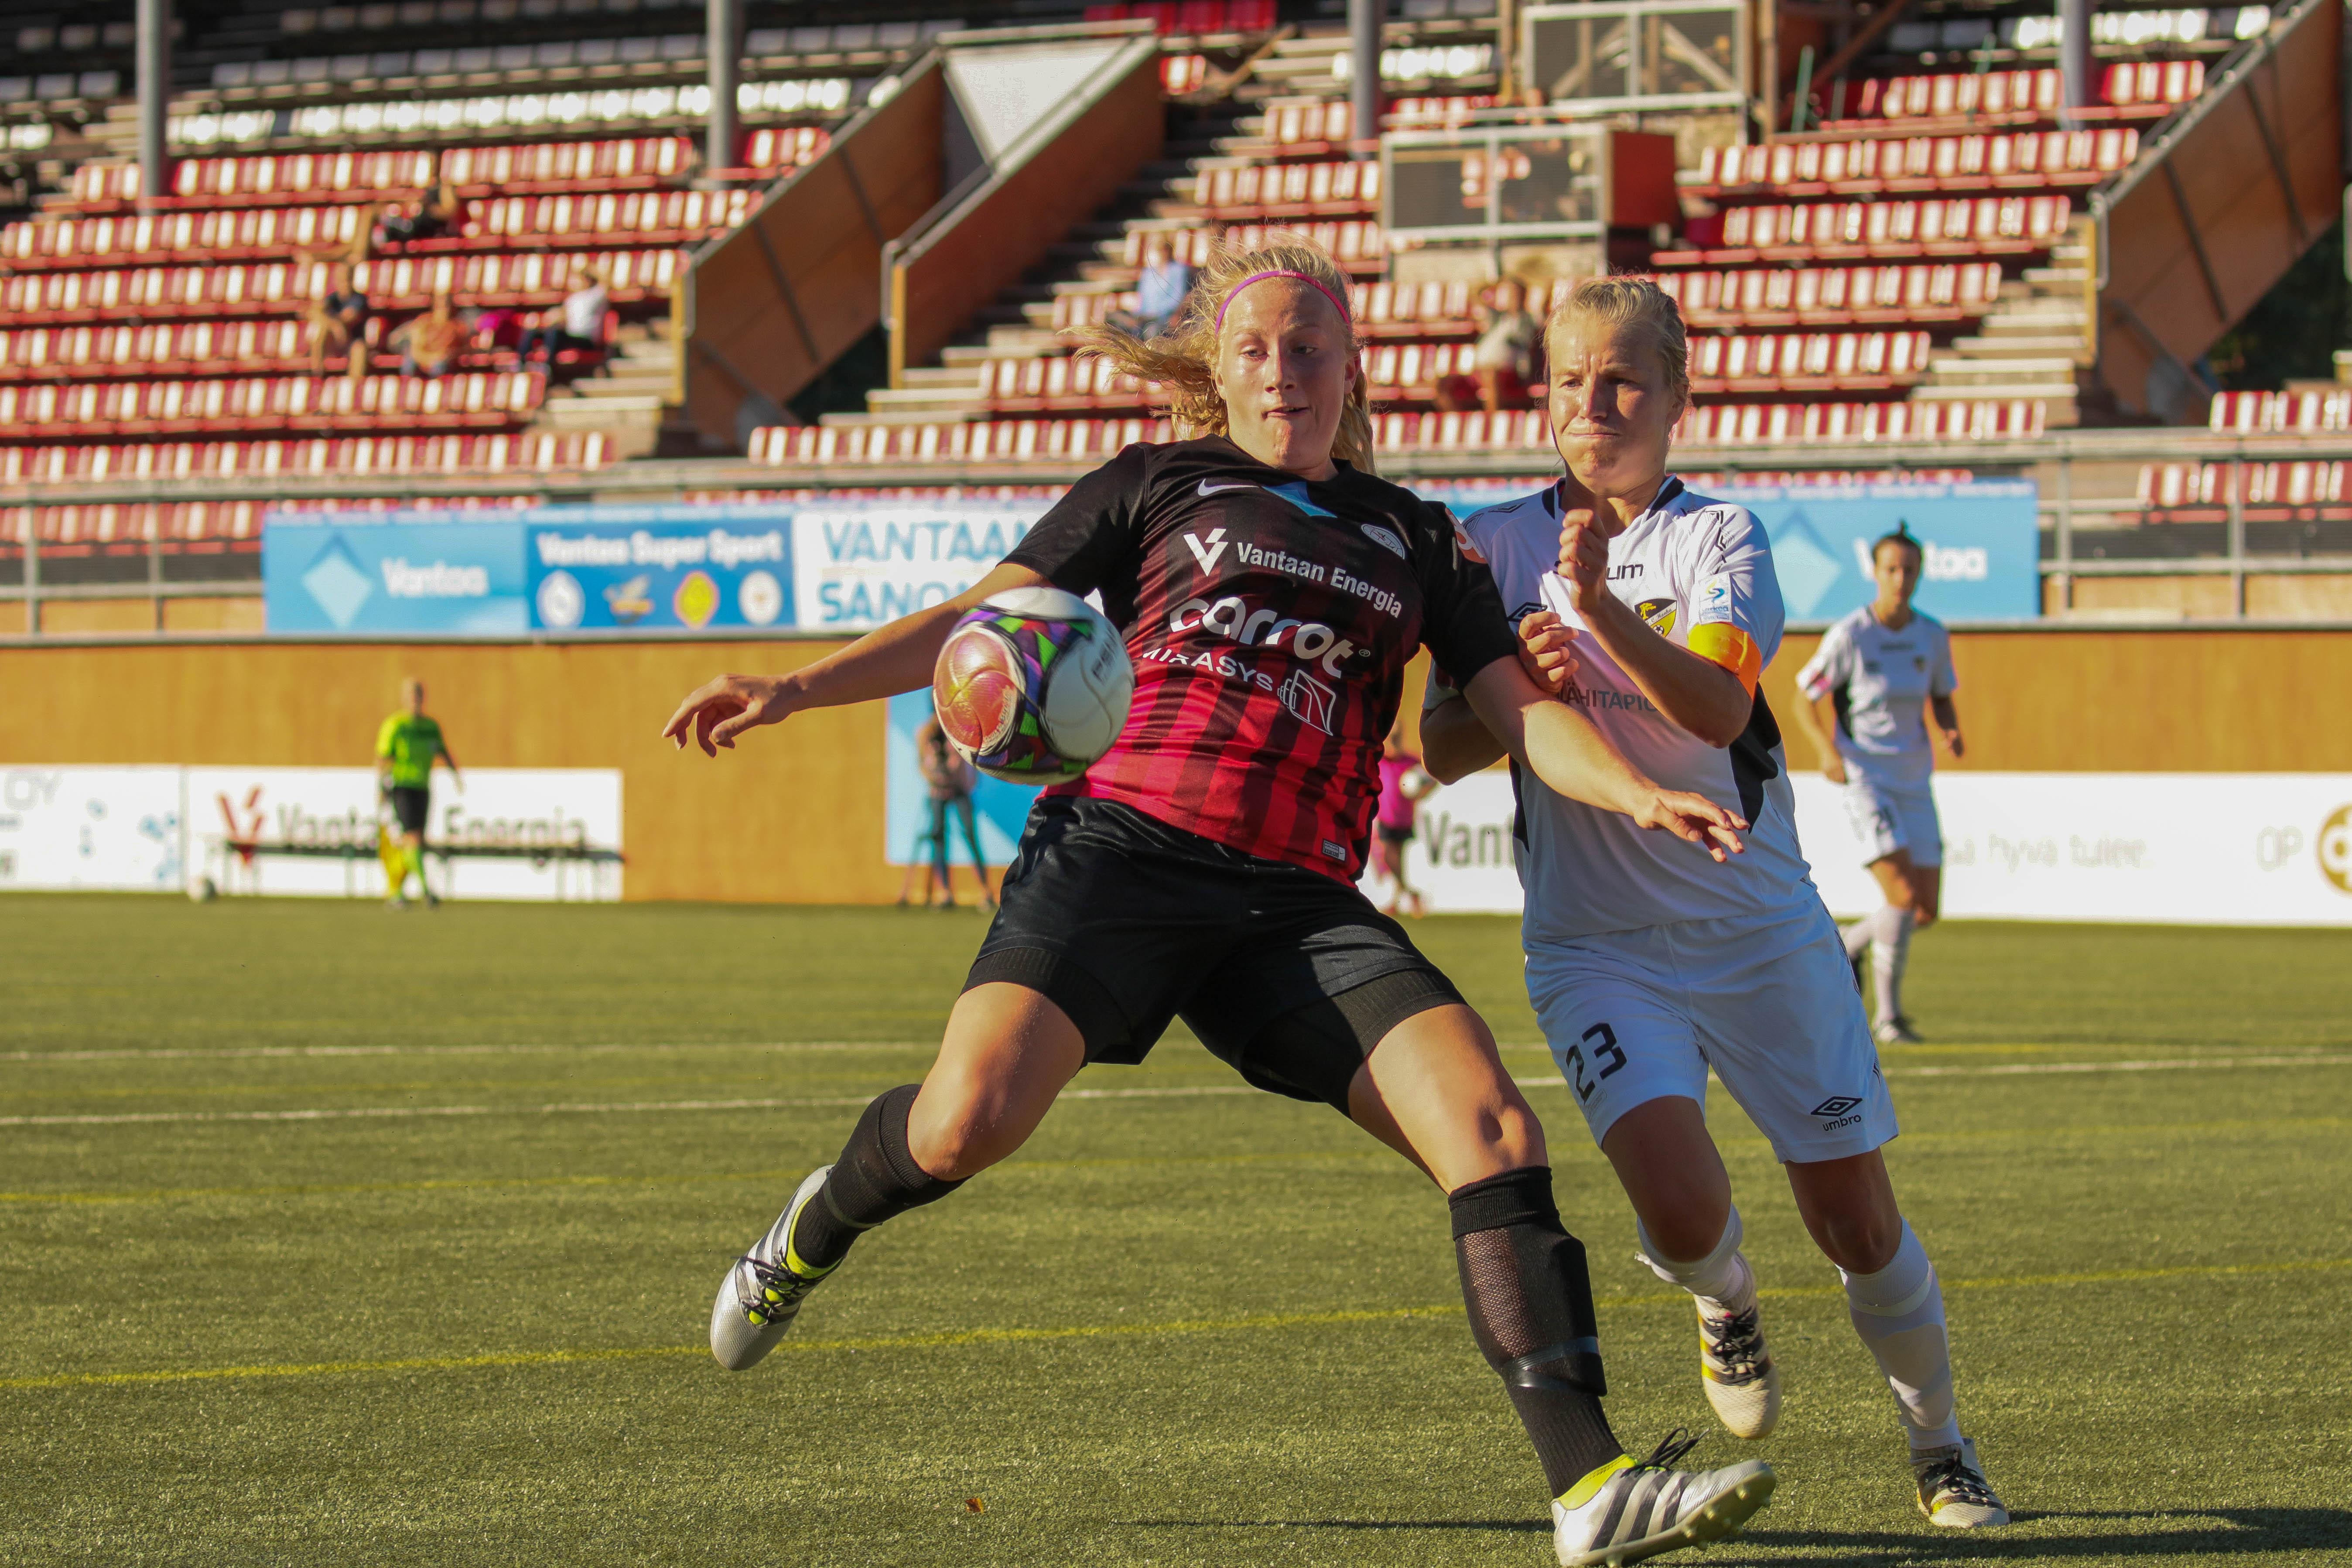 Punamustille Tasapeli FC Honkaa Vastaan